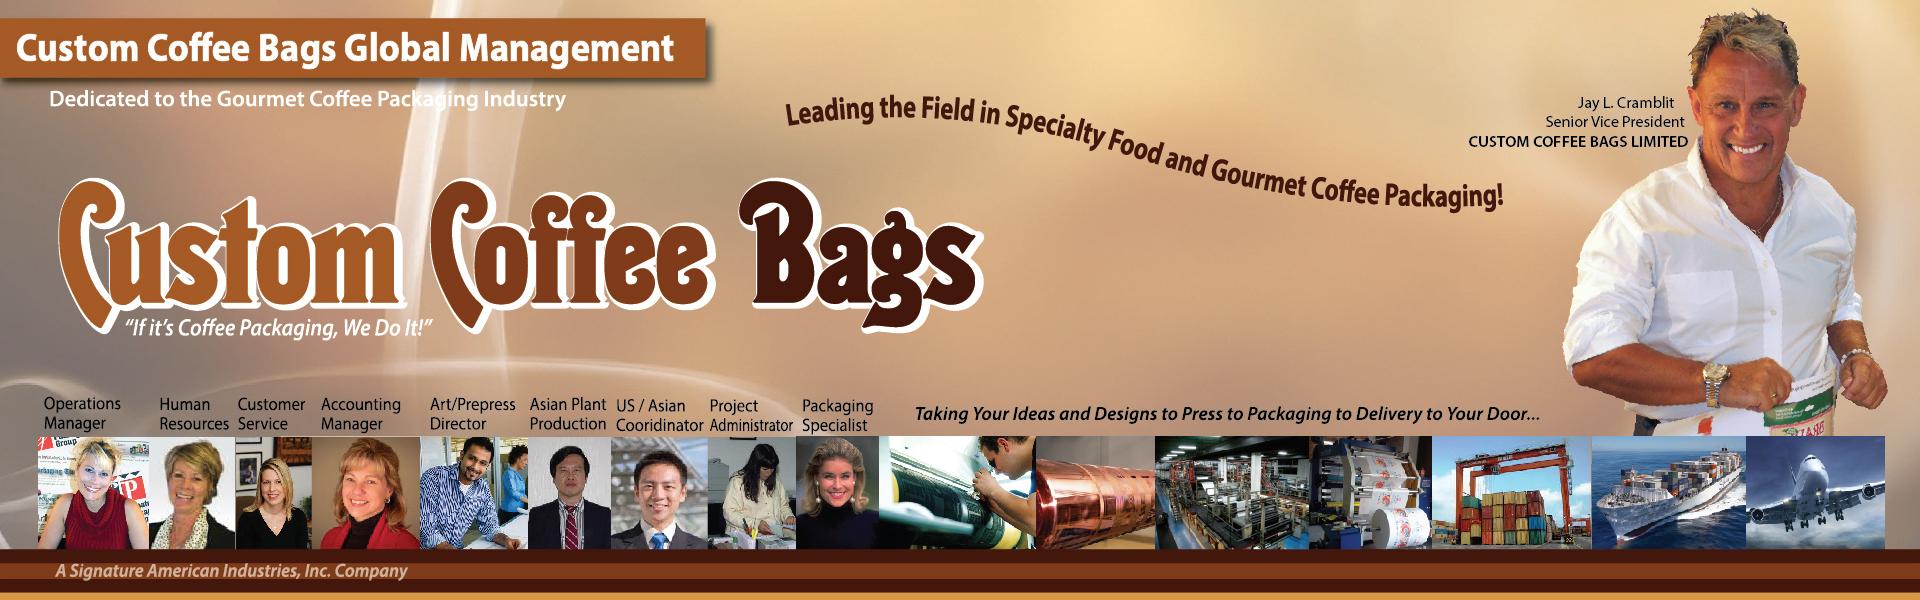 Custom Coffee Bags Header coffee packaging bags